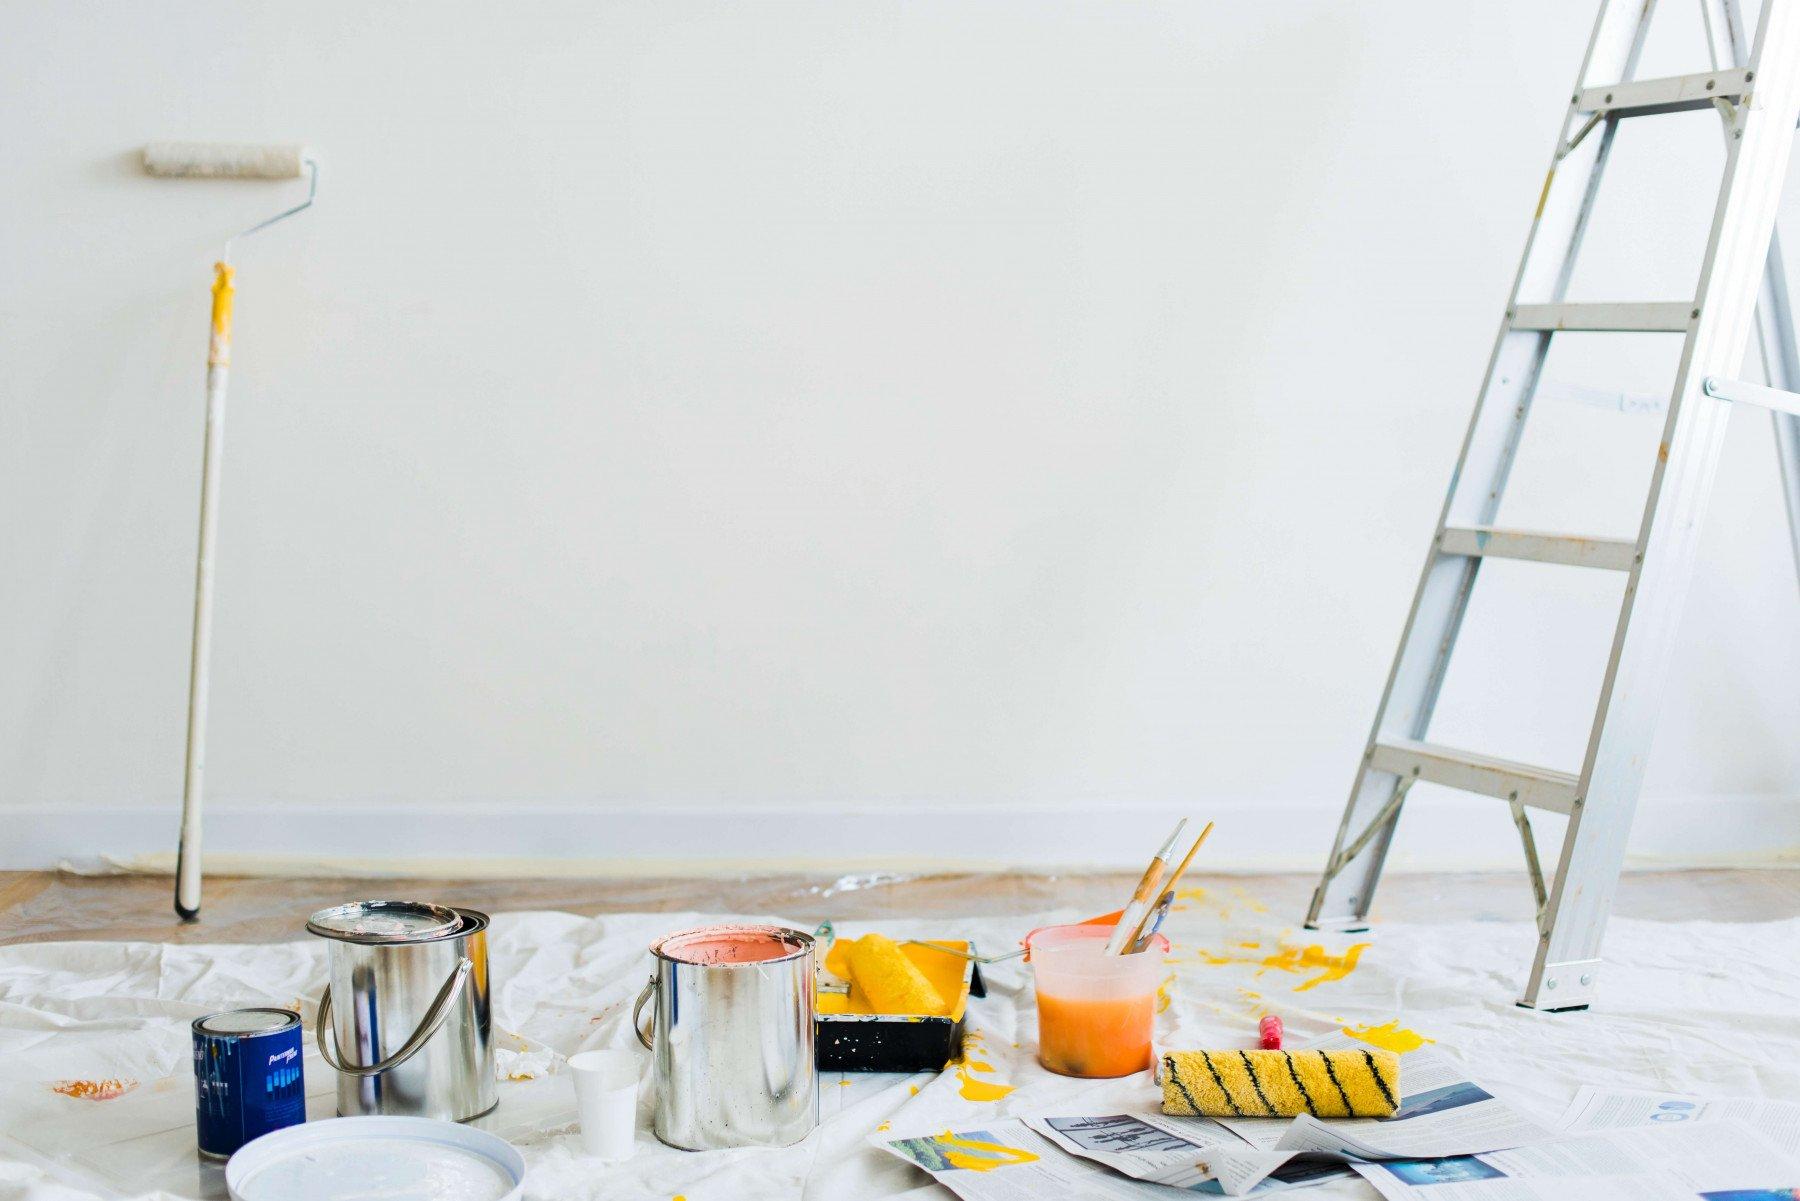 Renovering pågår med en massa målarpenslar och färgburkar